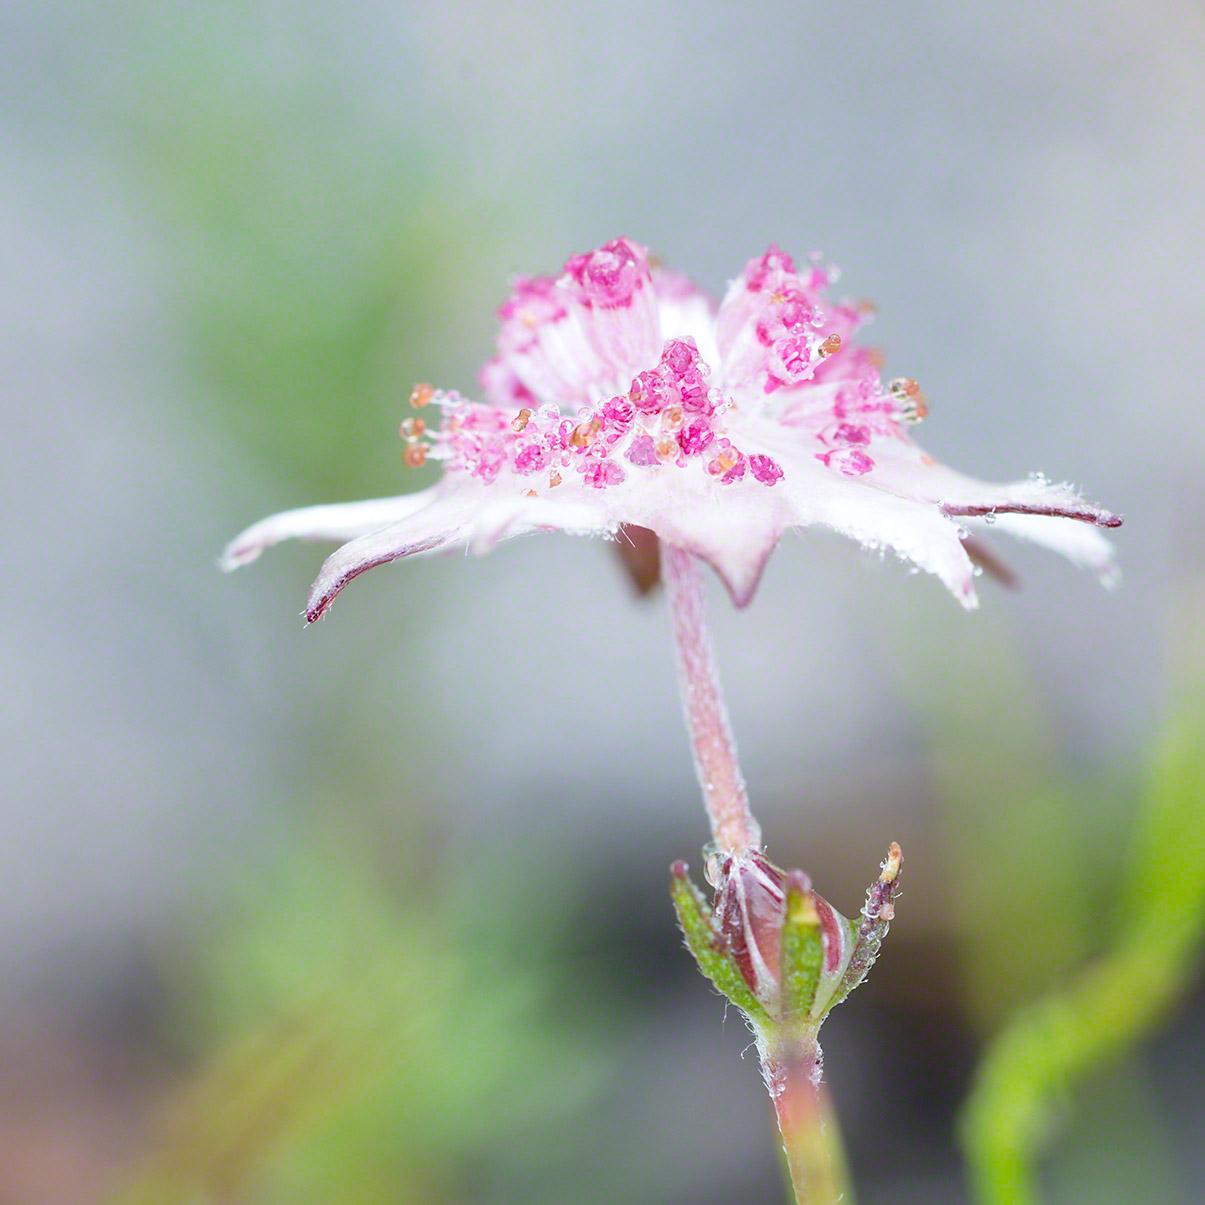 Warren-Hinder-Pink-Flannel-Flower-Copyright-2013.jpg